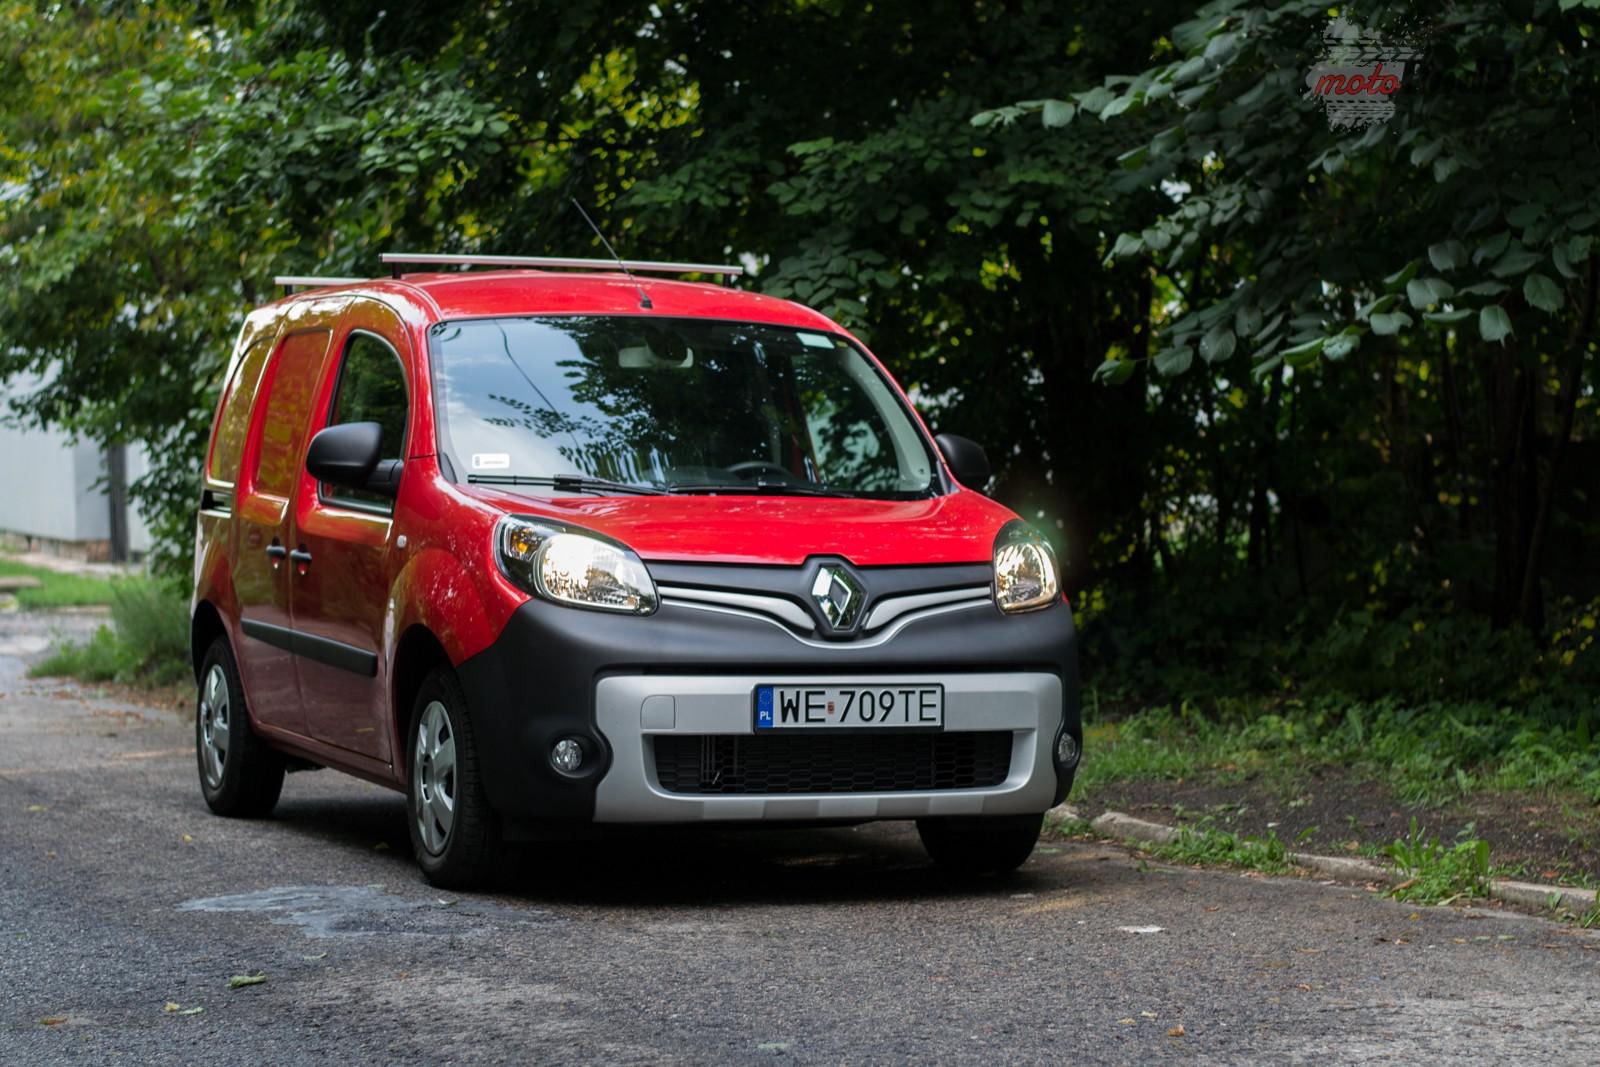 DSC 0464 Test: Renault Kangoo Express 1.5 dCi 90 KM   silnik to za mało